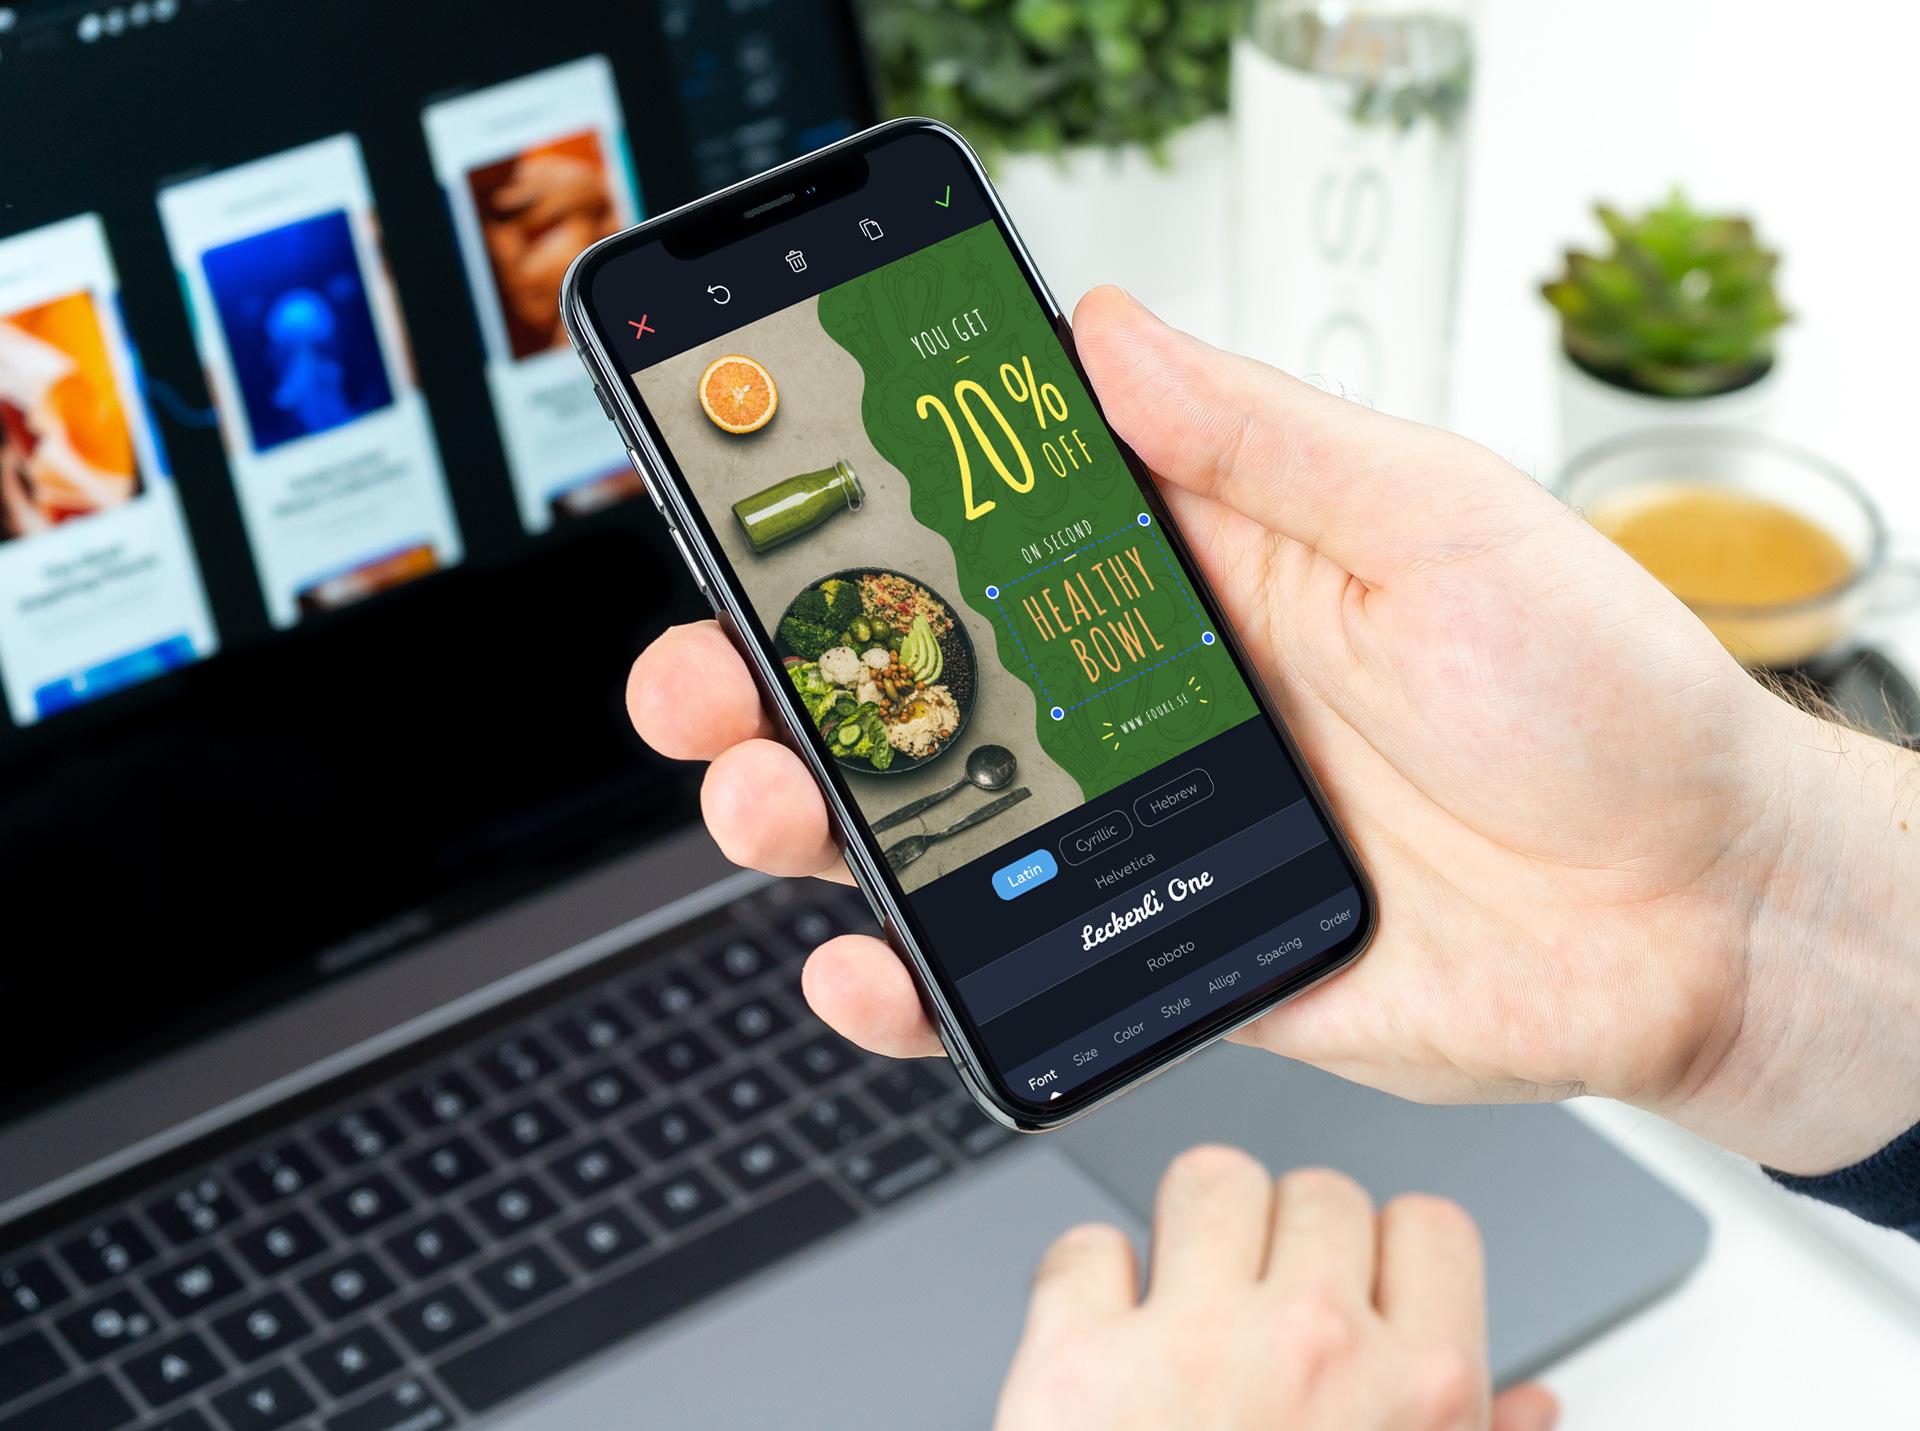 Crello launches an app for iOs + 20,000 ready made design